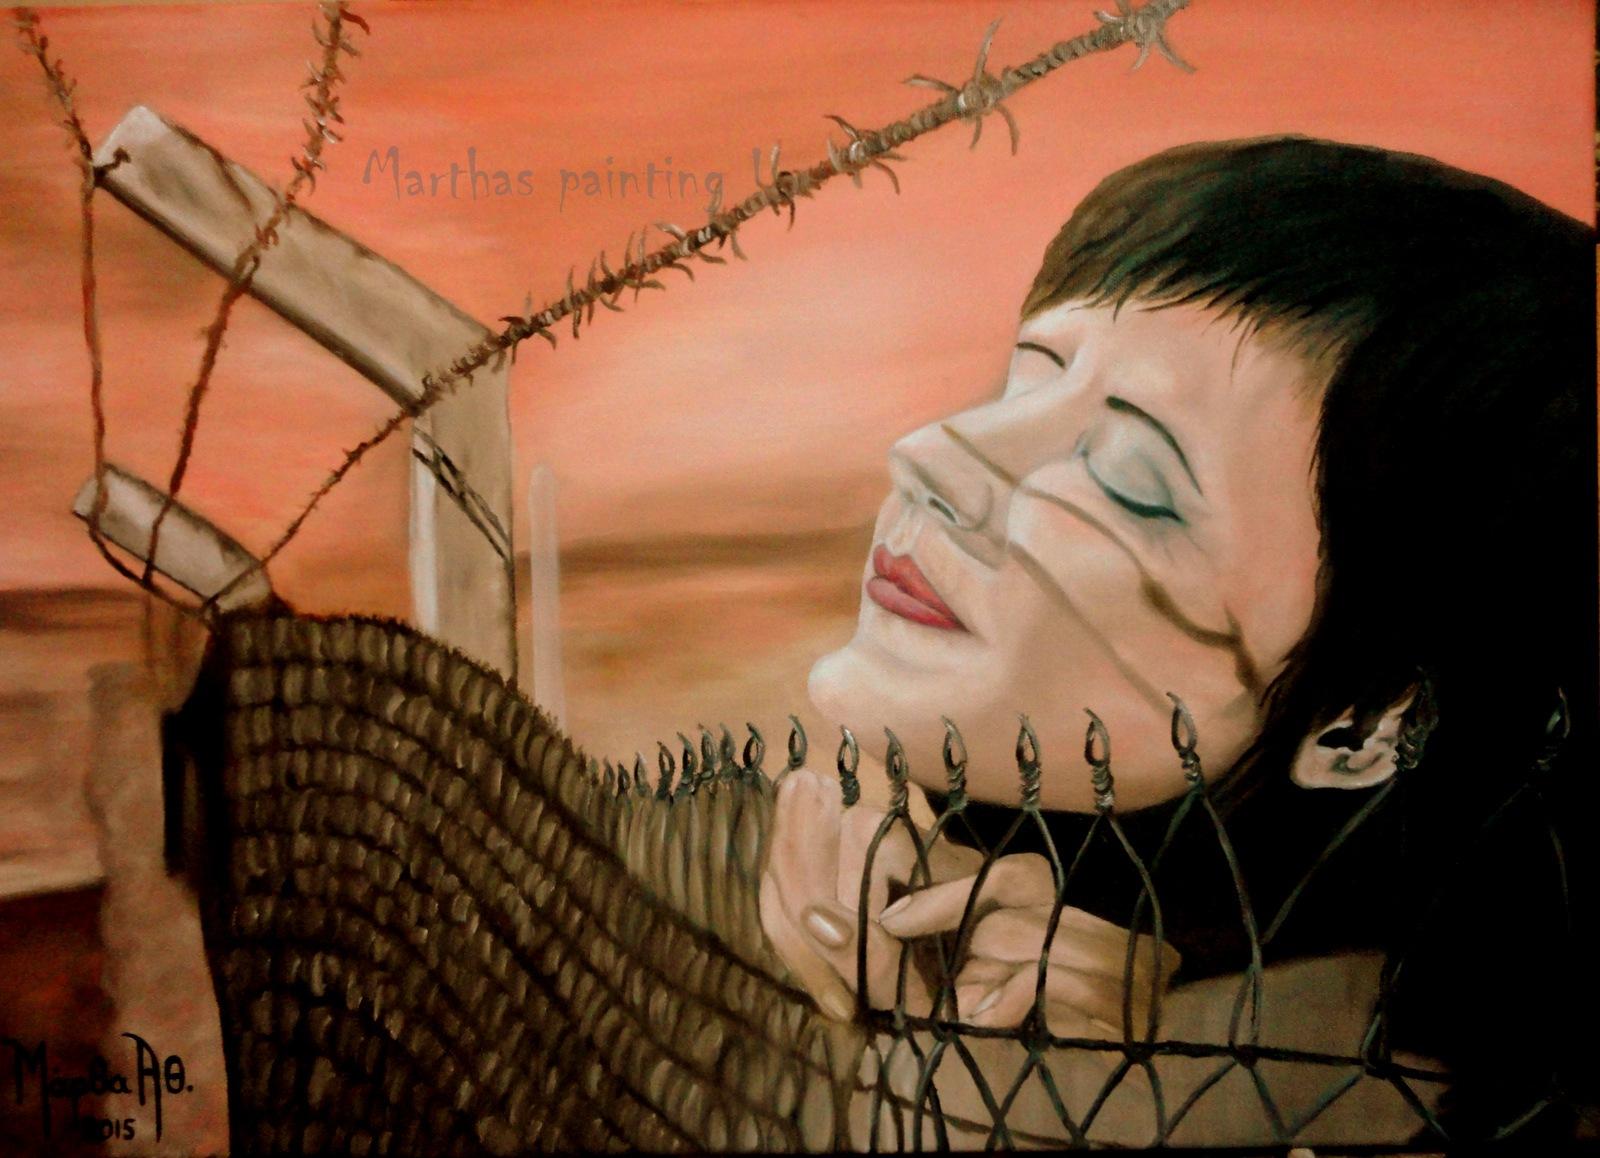 Leyla Kiralp by MarthaAthinodorou